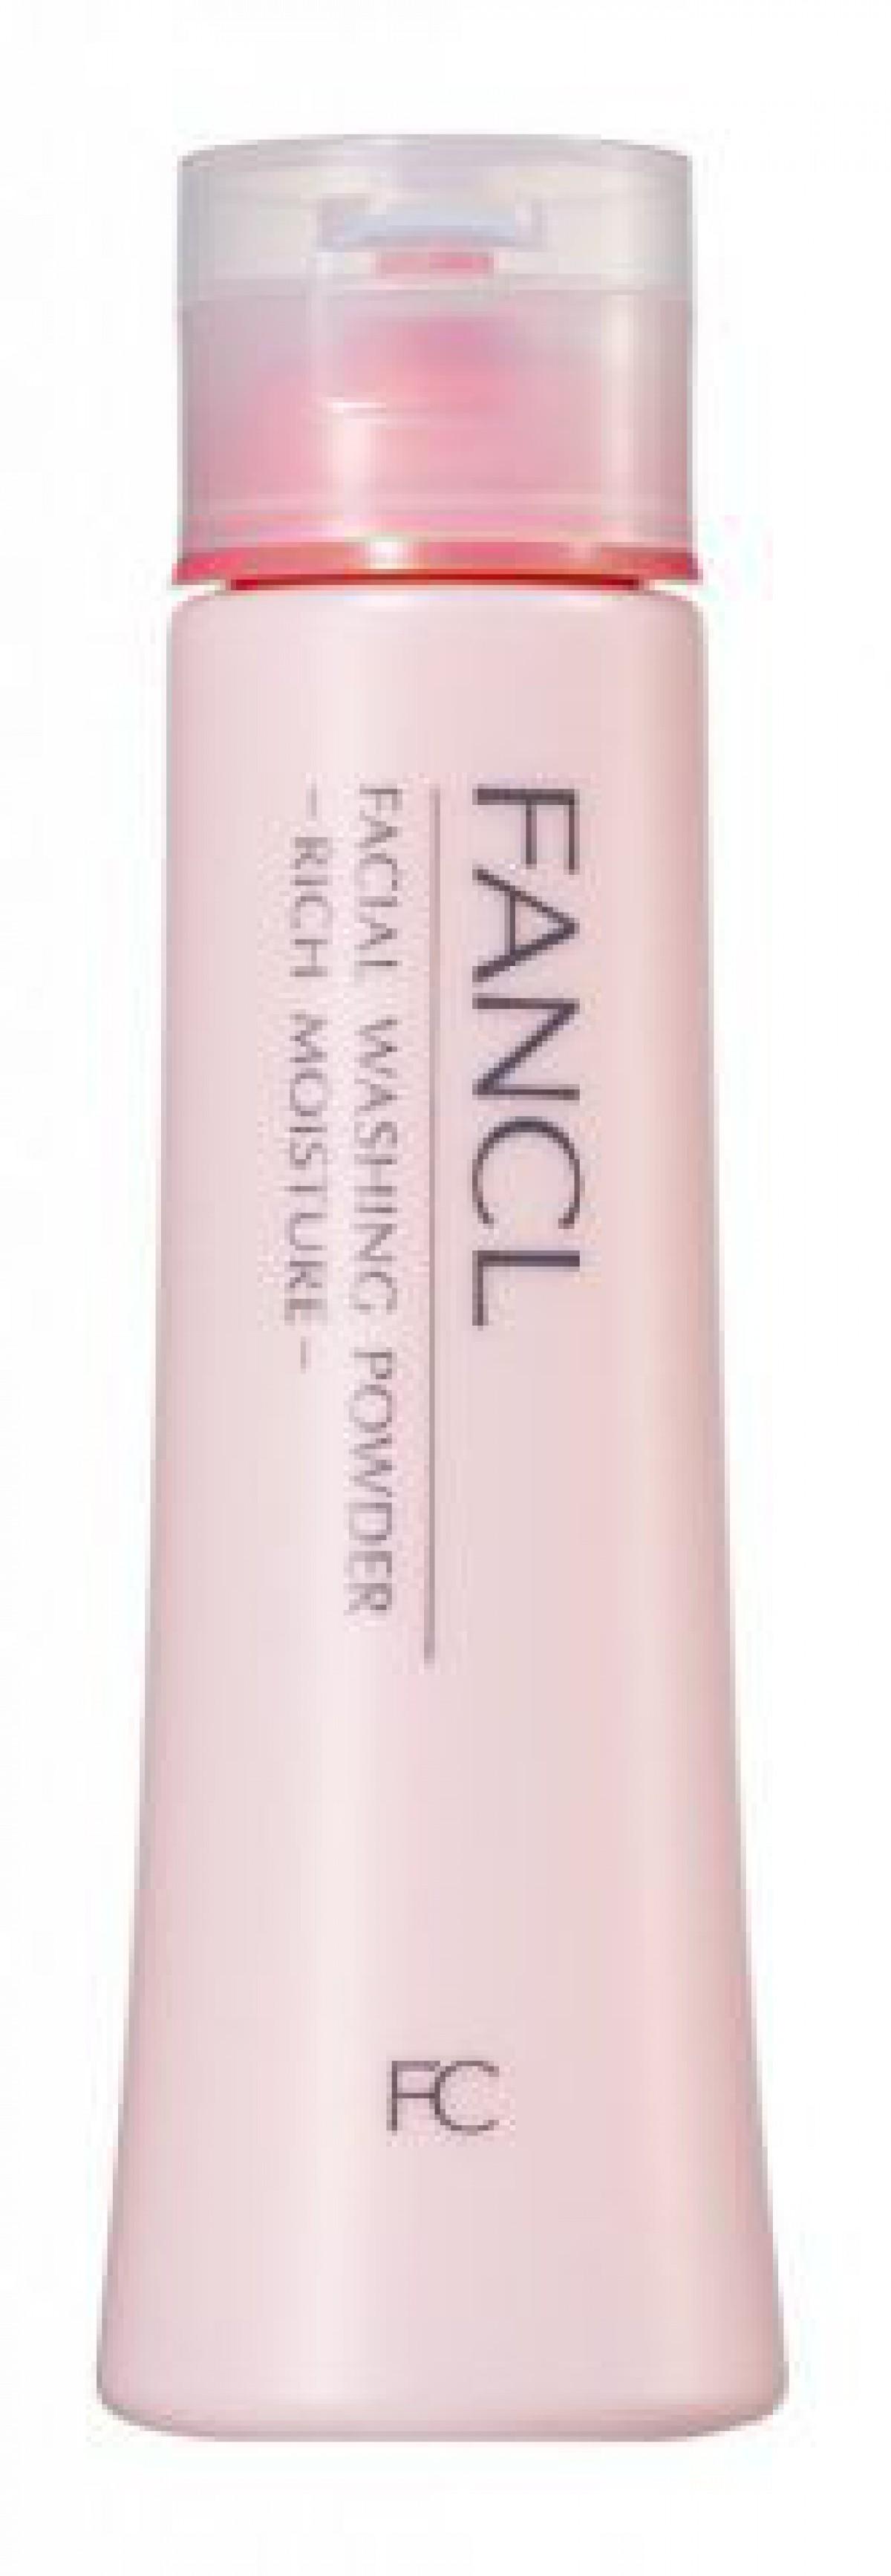 コラーゲンや真珠パウダー配合の濃密保湿洗顔料発売 ファンケル